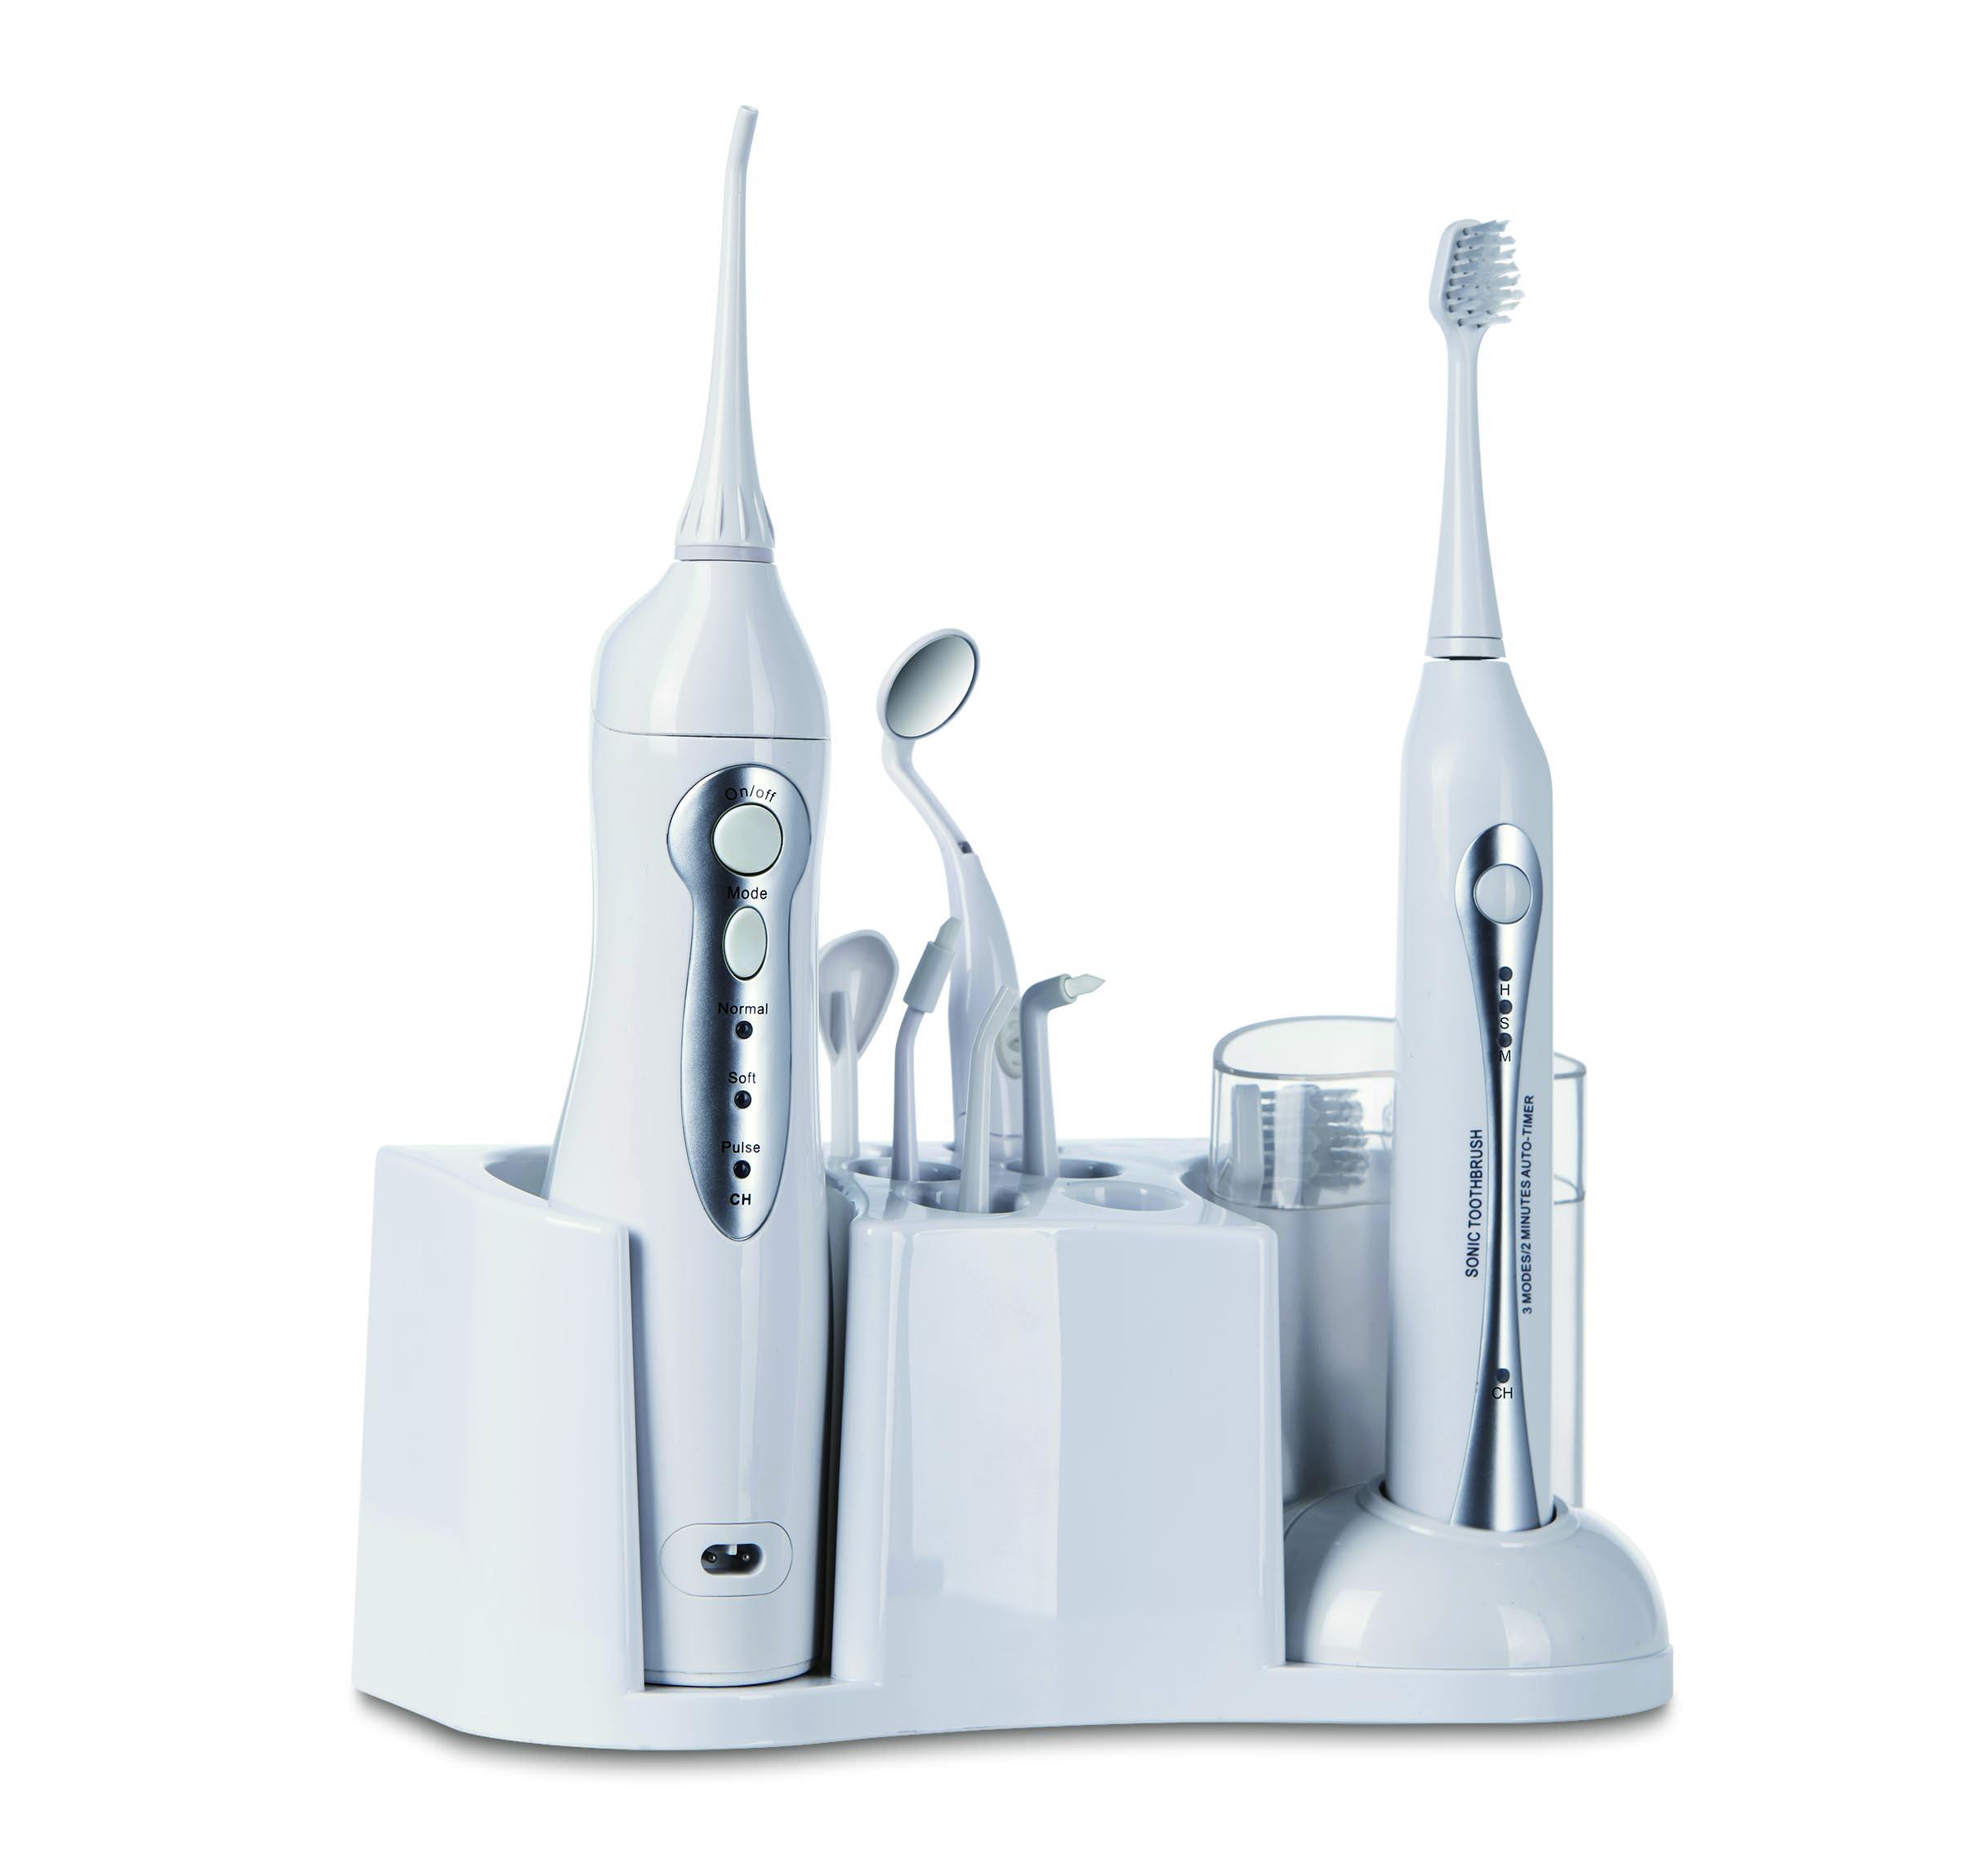 Домашний стоматологический центр RST5010, ПолиДента, Россия